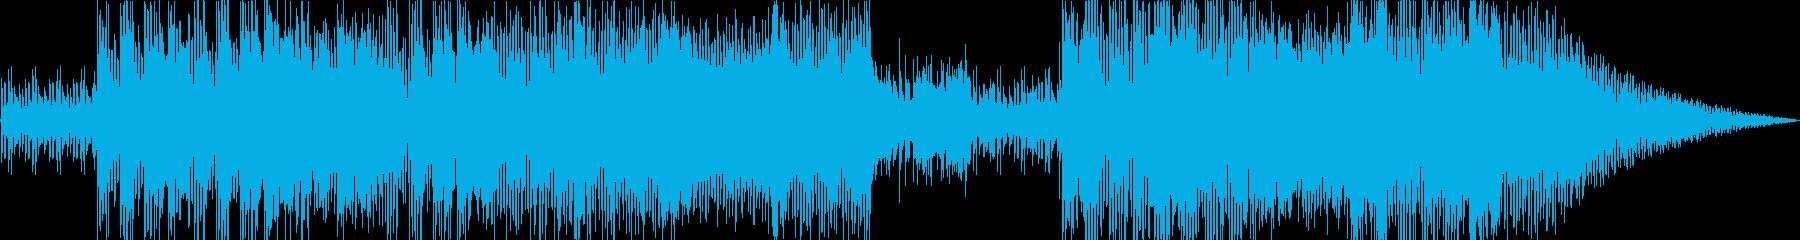 エレクトロボサノバの再生済みの波形